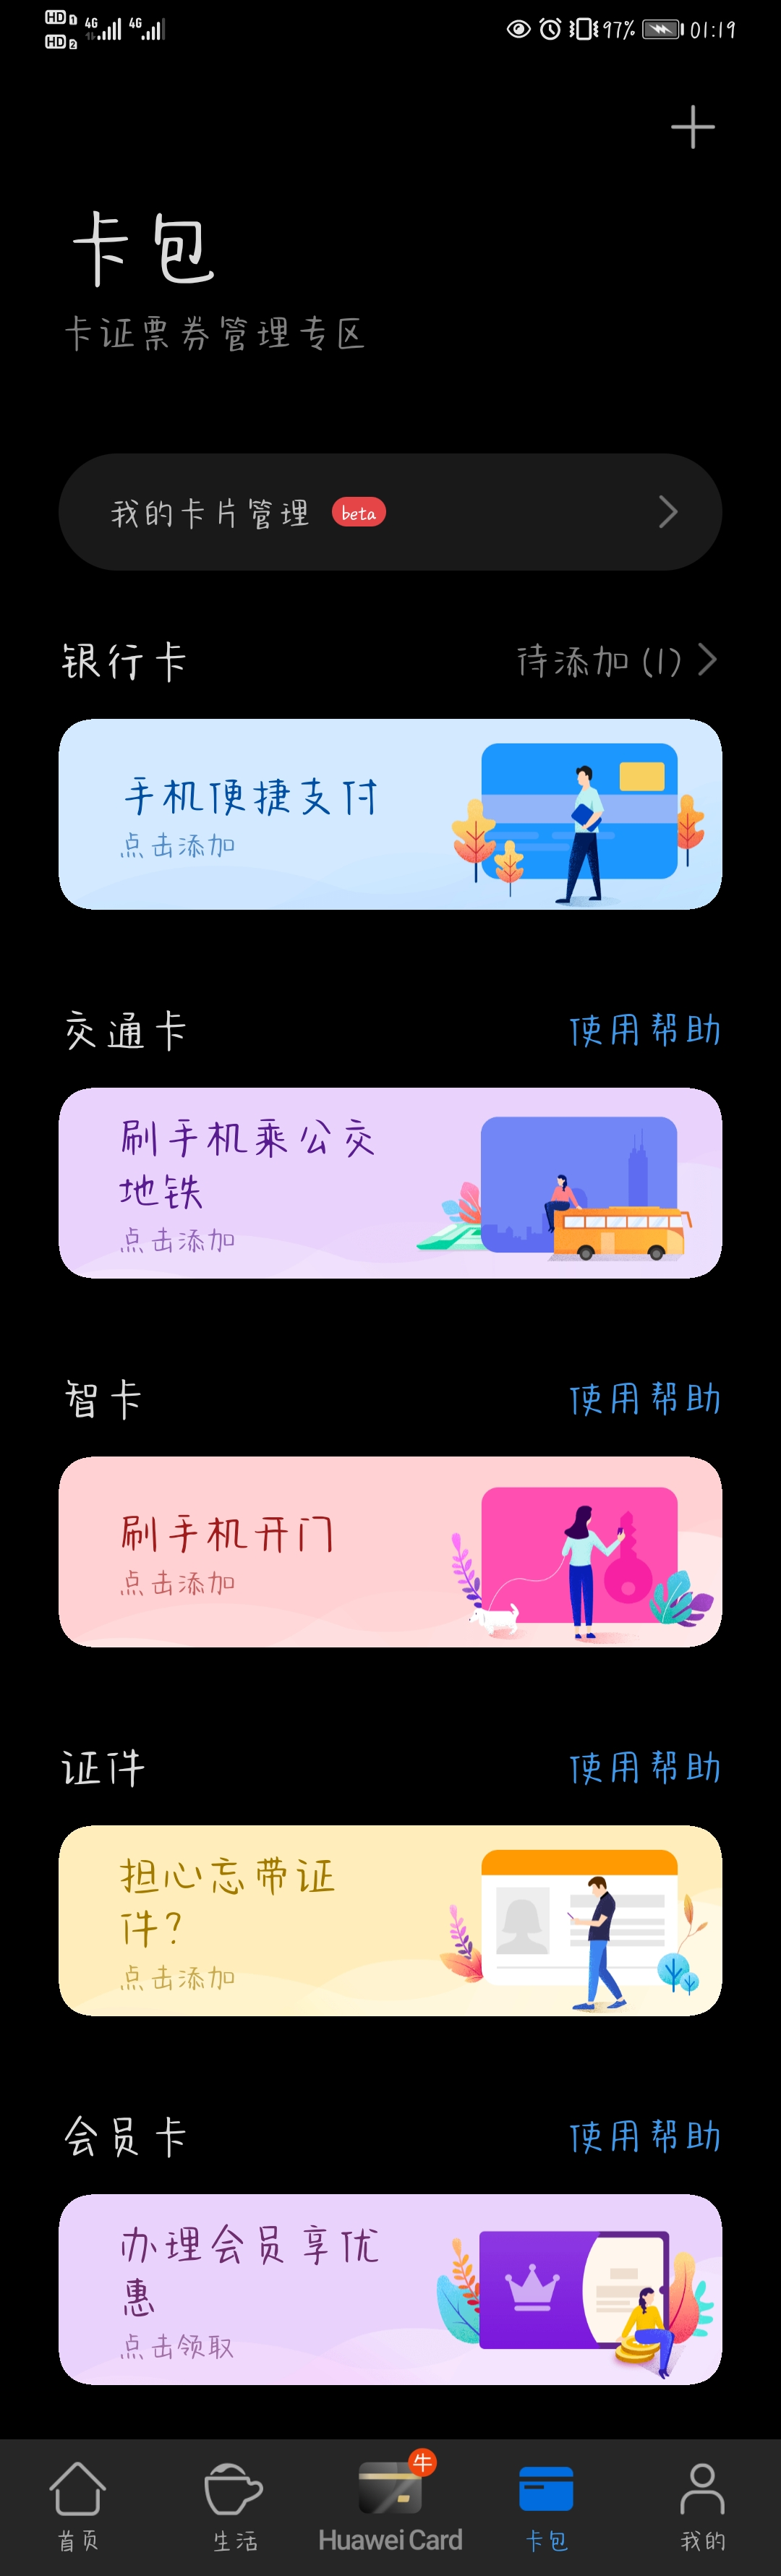 Screenshot_20210430_011952_com.huawei.wallet.jpg